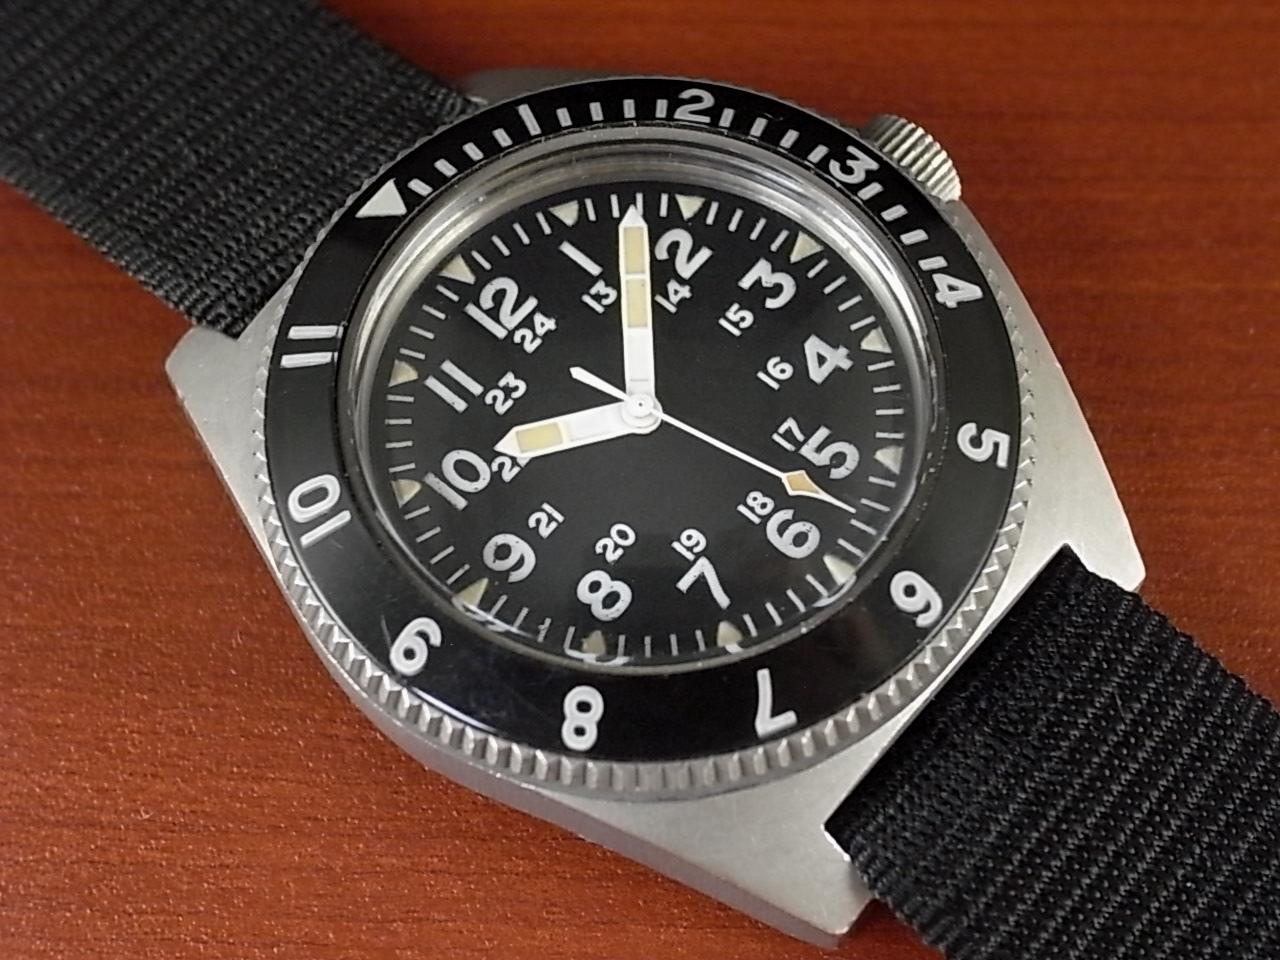 ベンラス ミリタリー タイプⅡクラスA 特殊部隊ダイバーズウォッチ 1970年代のメイン写真